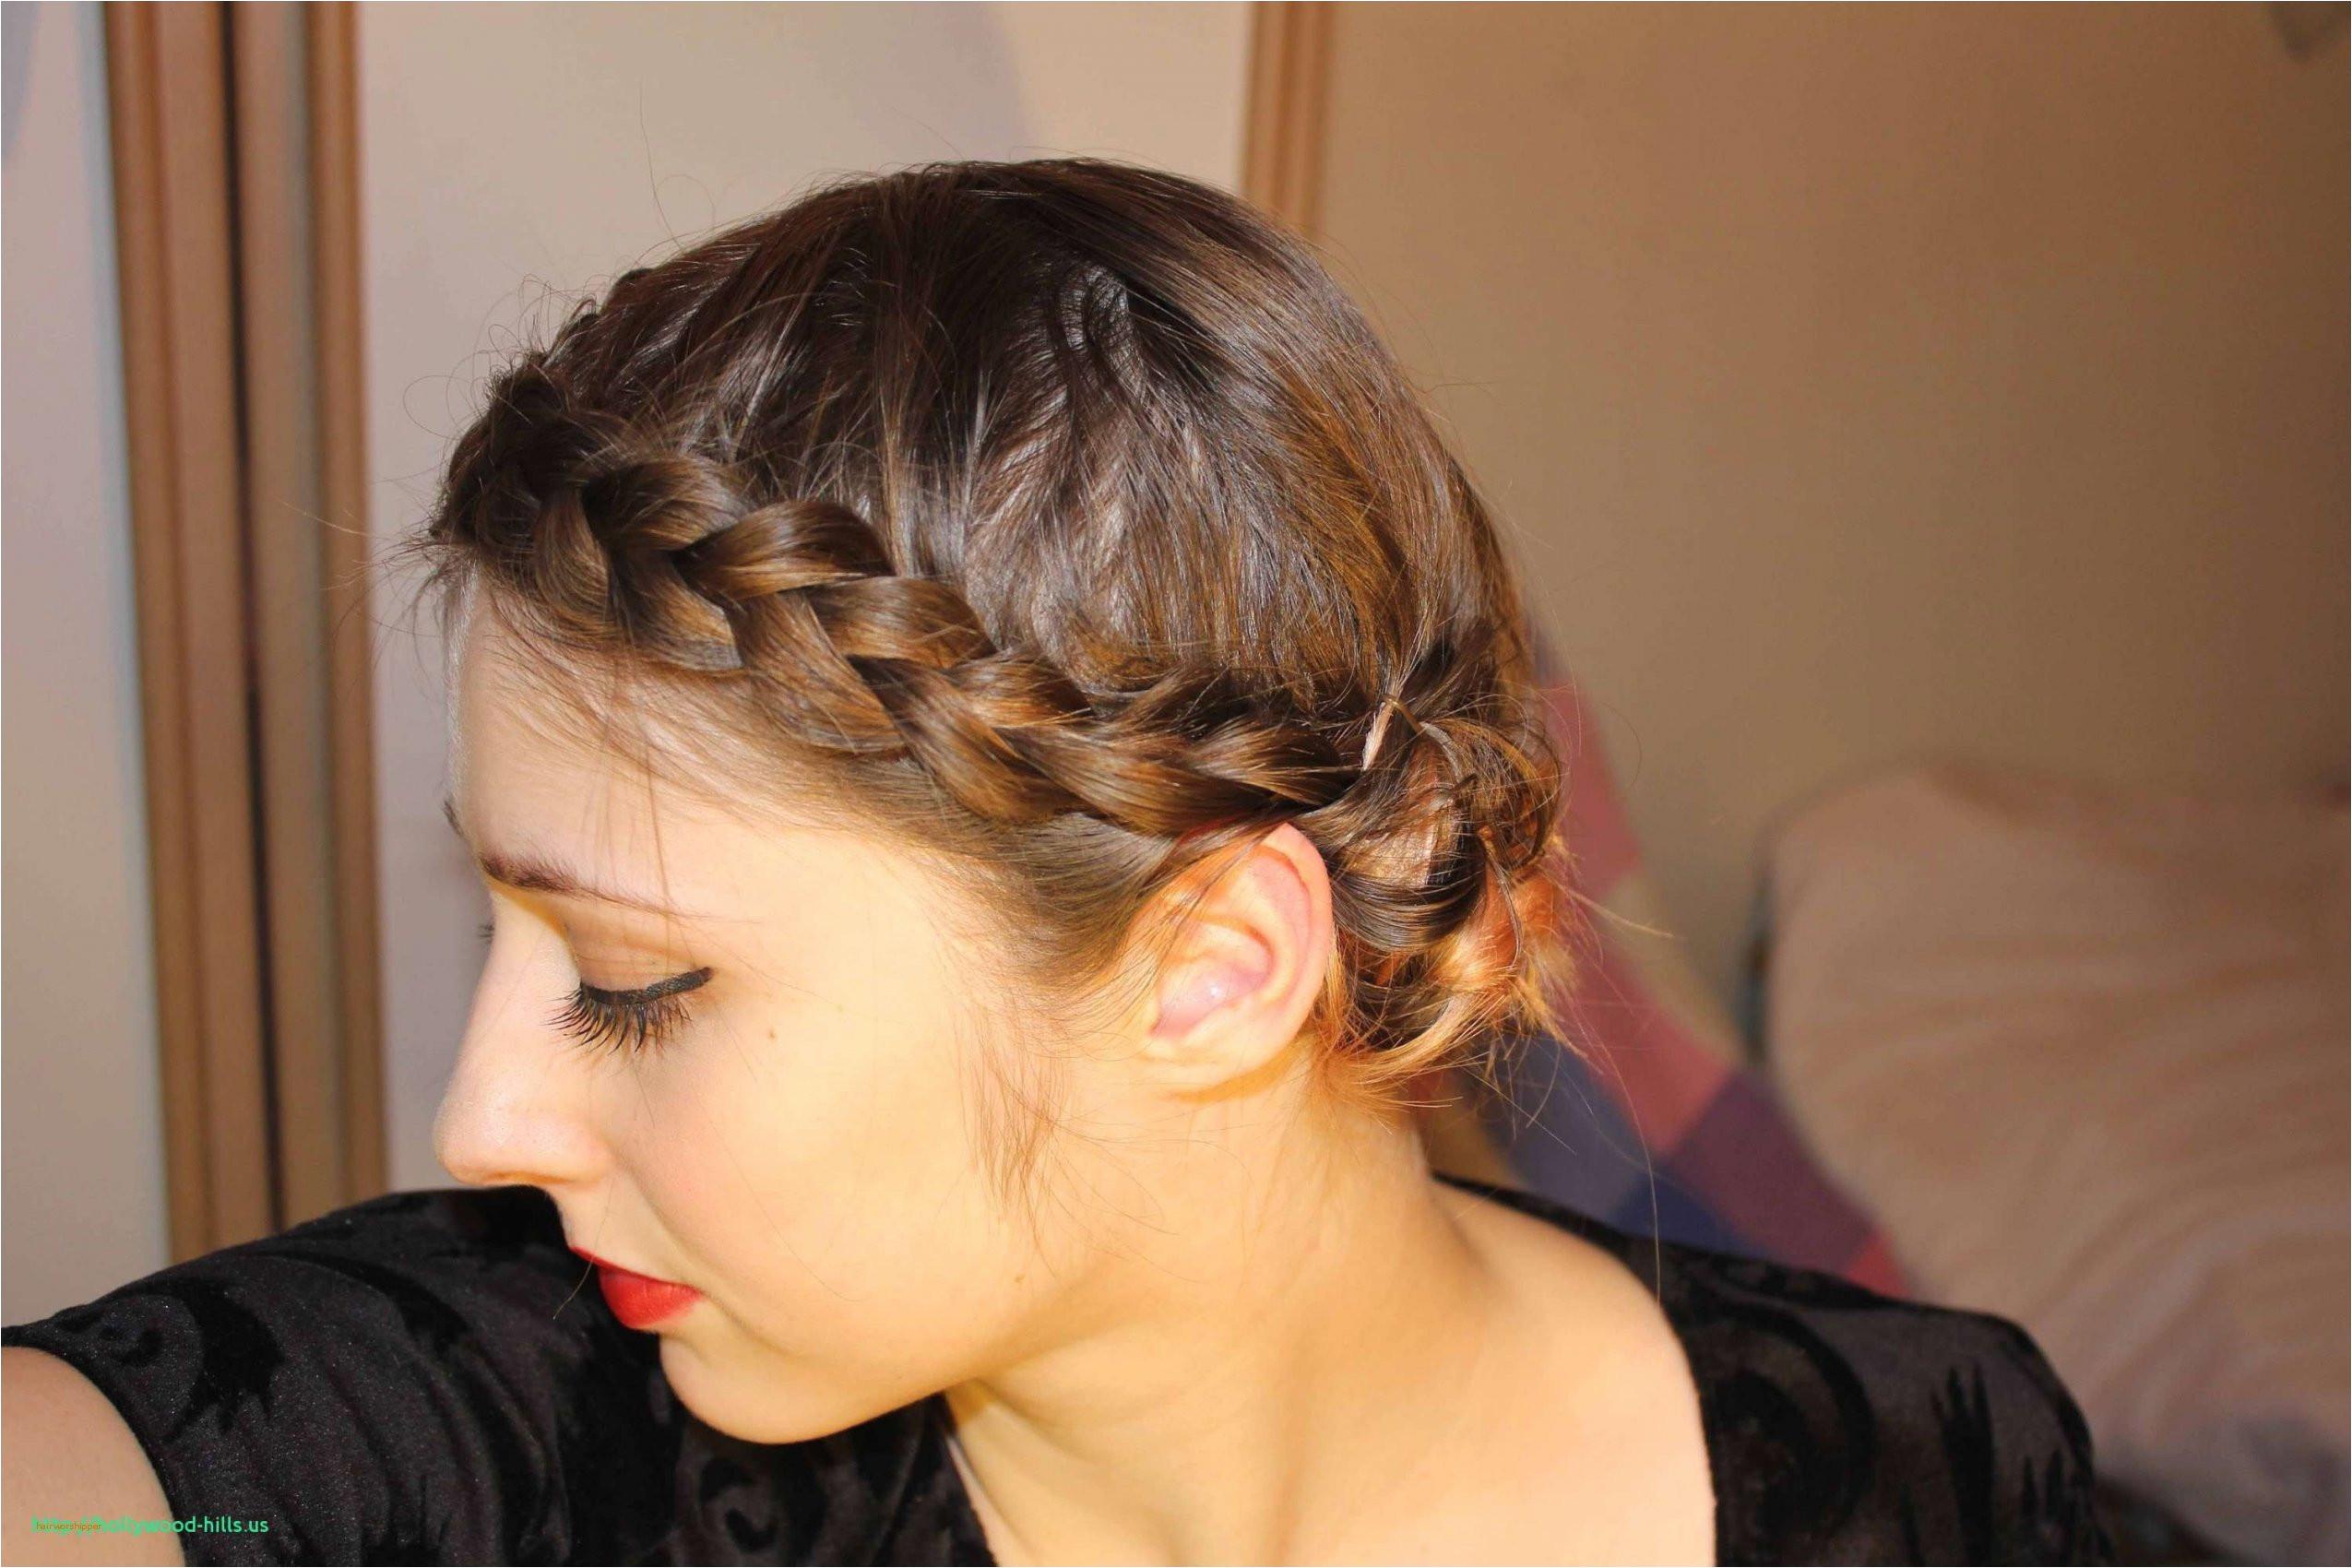 Short Hair Updos for Weddings Best Easy Wedding Hairstyles Youtube Best Hairstyles for Short Thin